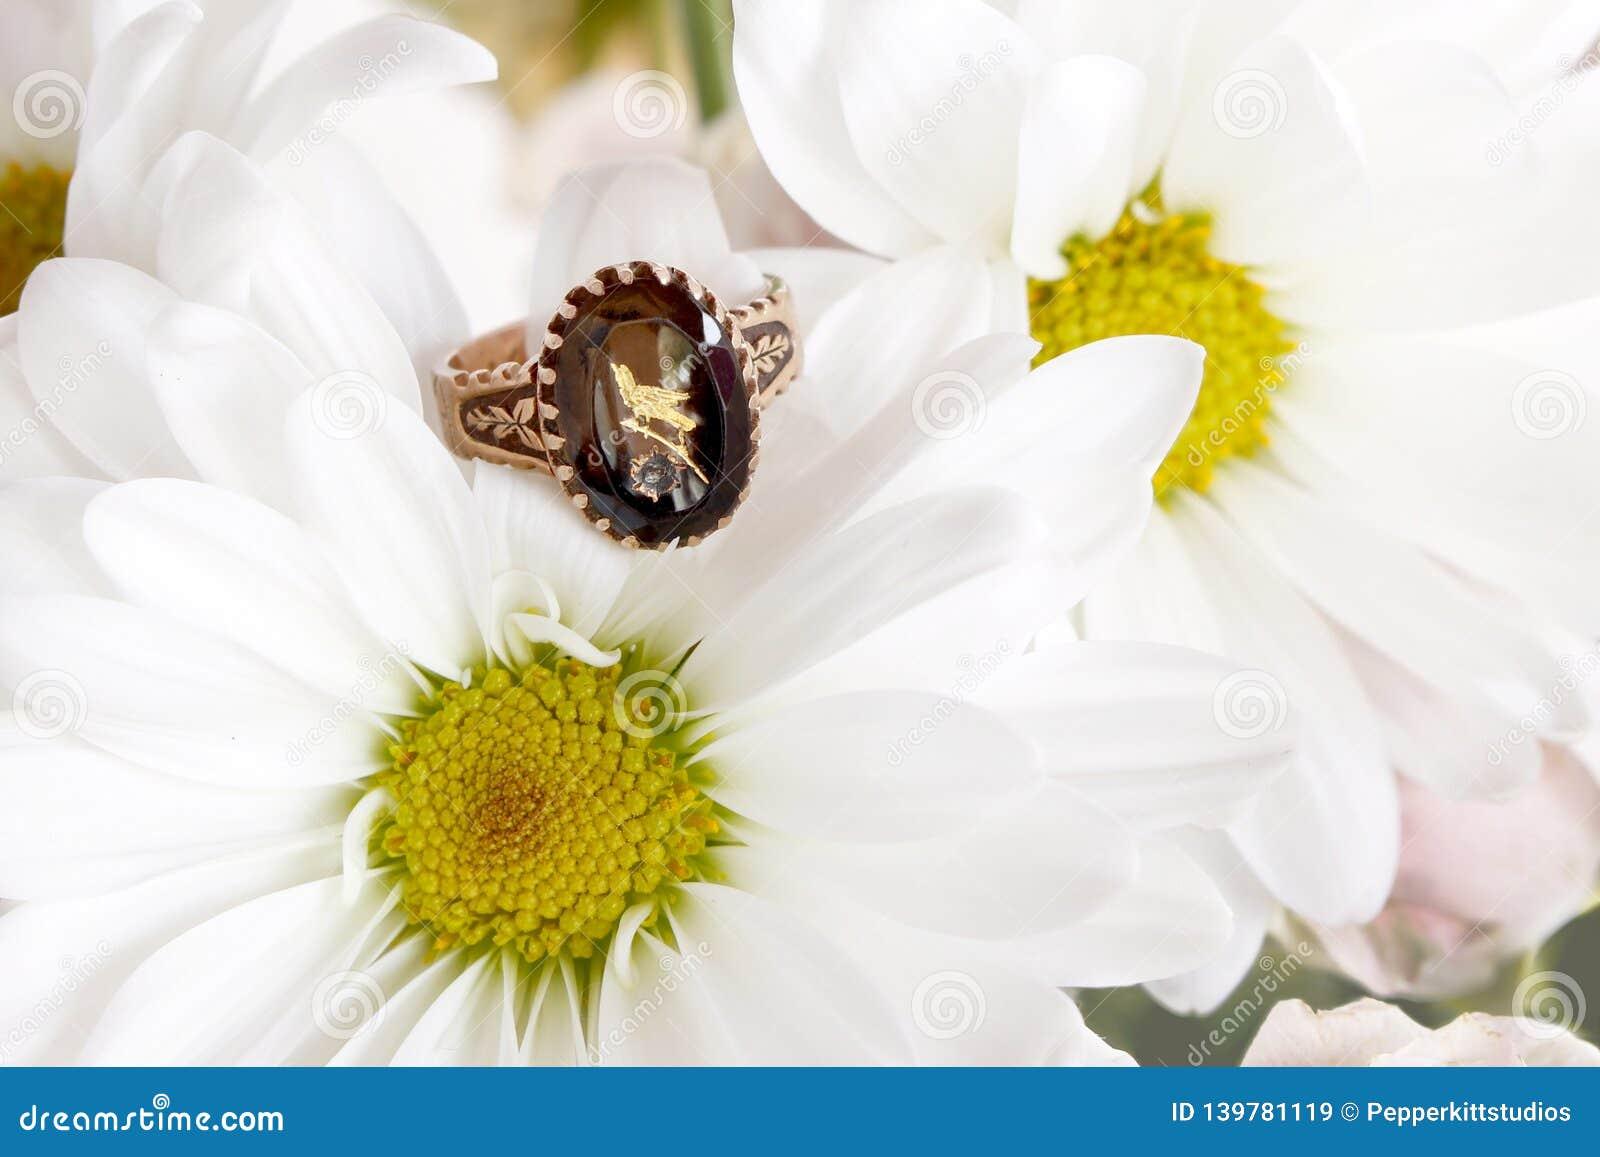 Ο βικτοριανός αμέθυστος αυξήθηκε χρυσό δαχτυλίδι με το χαραγμένο πουλί στη Daisy Mums